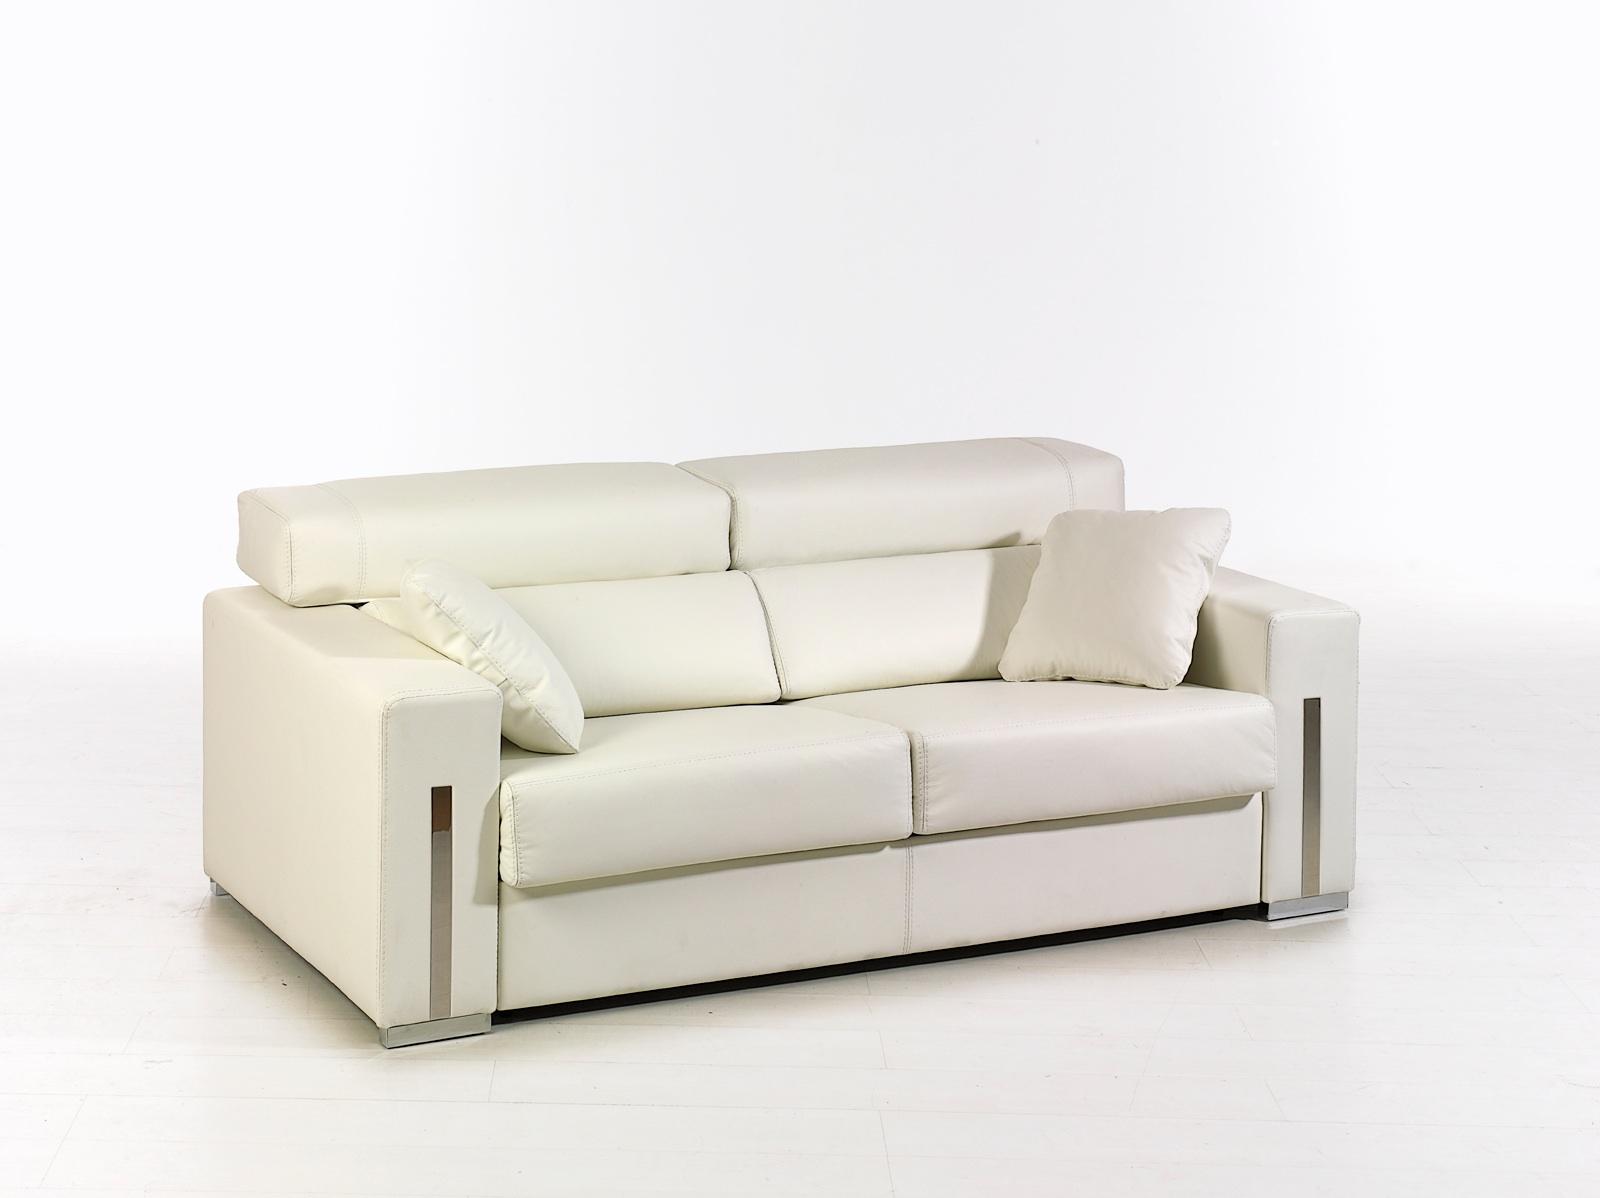 Canapé cuir blanc Allégria Magasin de meubles Plan de